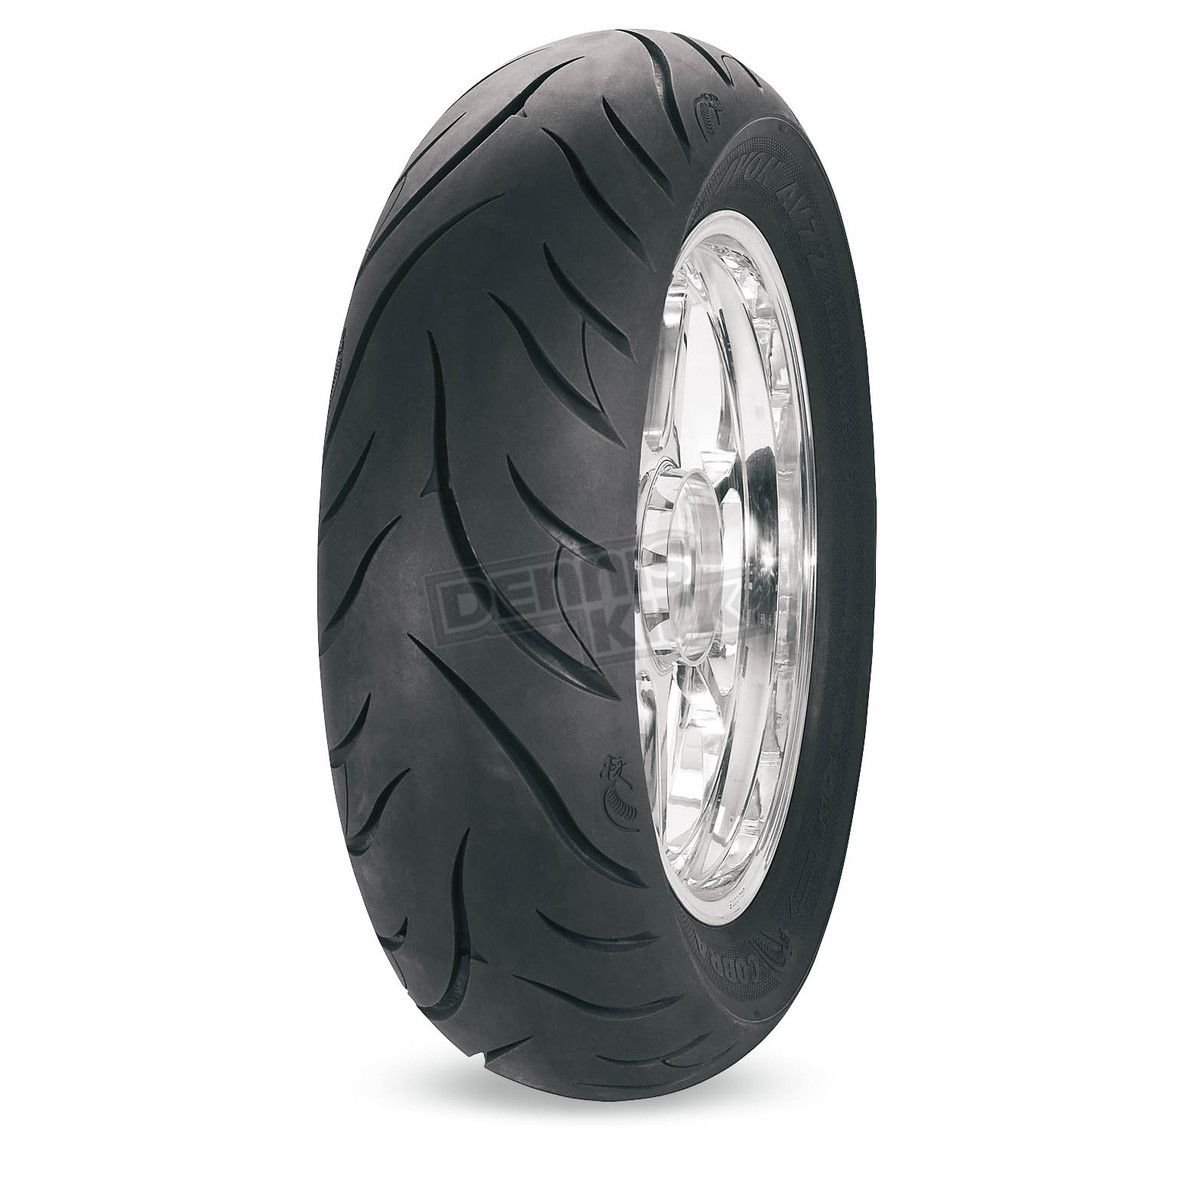 Avon Rear Cobra AV72 180/70R-16 Blackwall Tire - 90000001152  Harley-Davidson Motorcycle - Dennis Kirk, Inc.